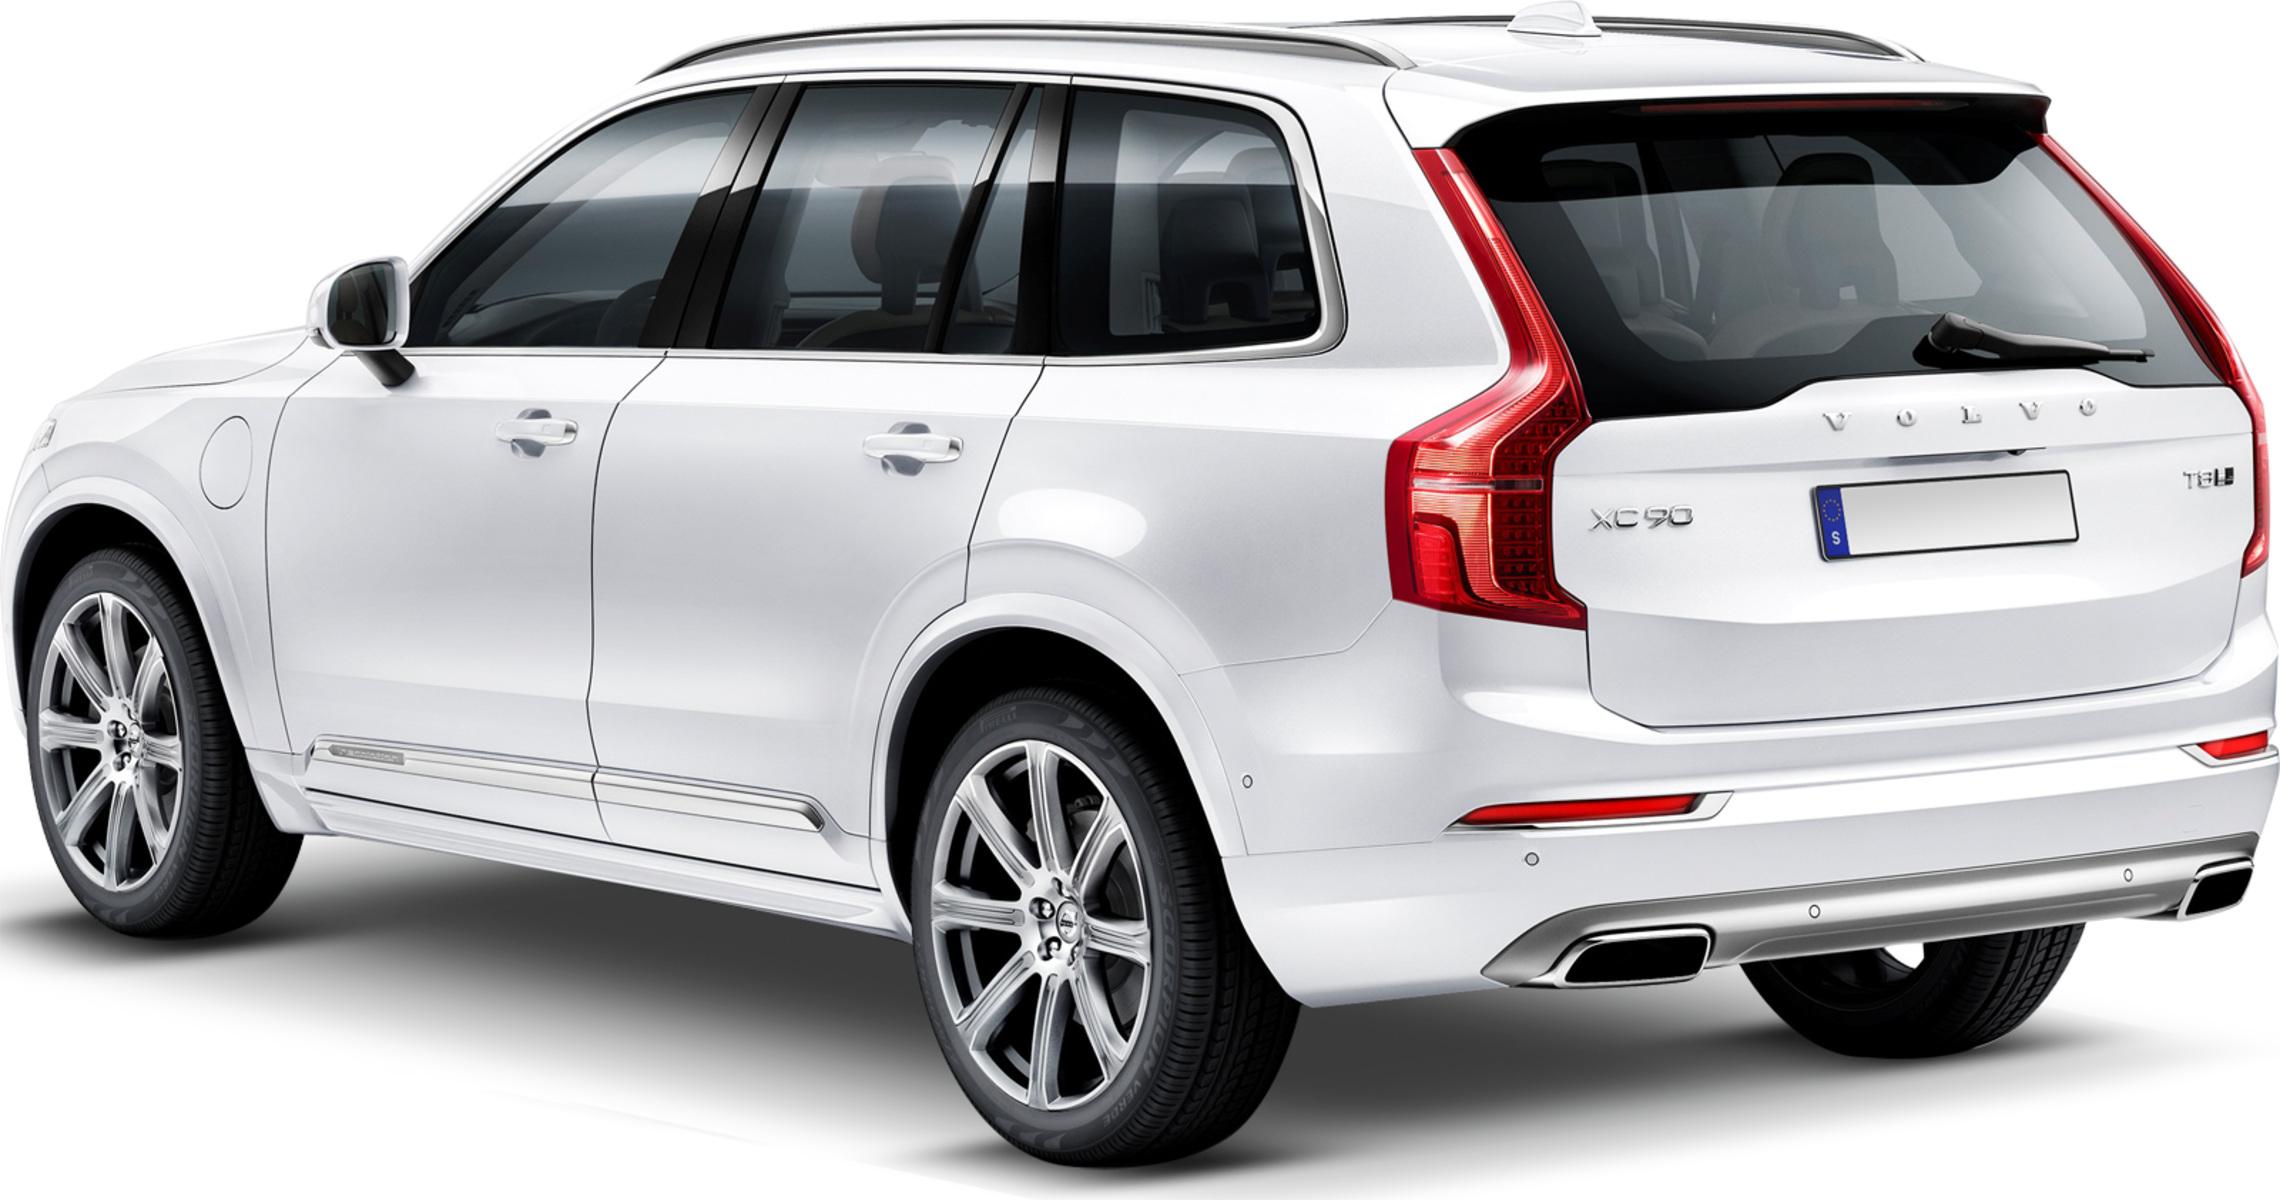 Listino Volvo Xc90 Prezzo Scheda Tecnica Consumi